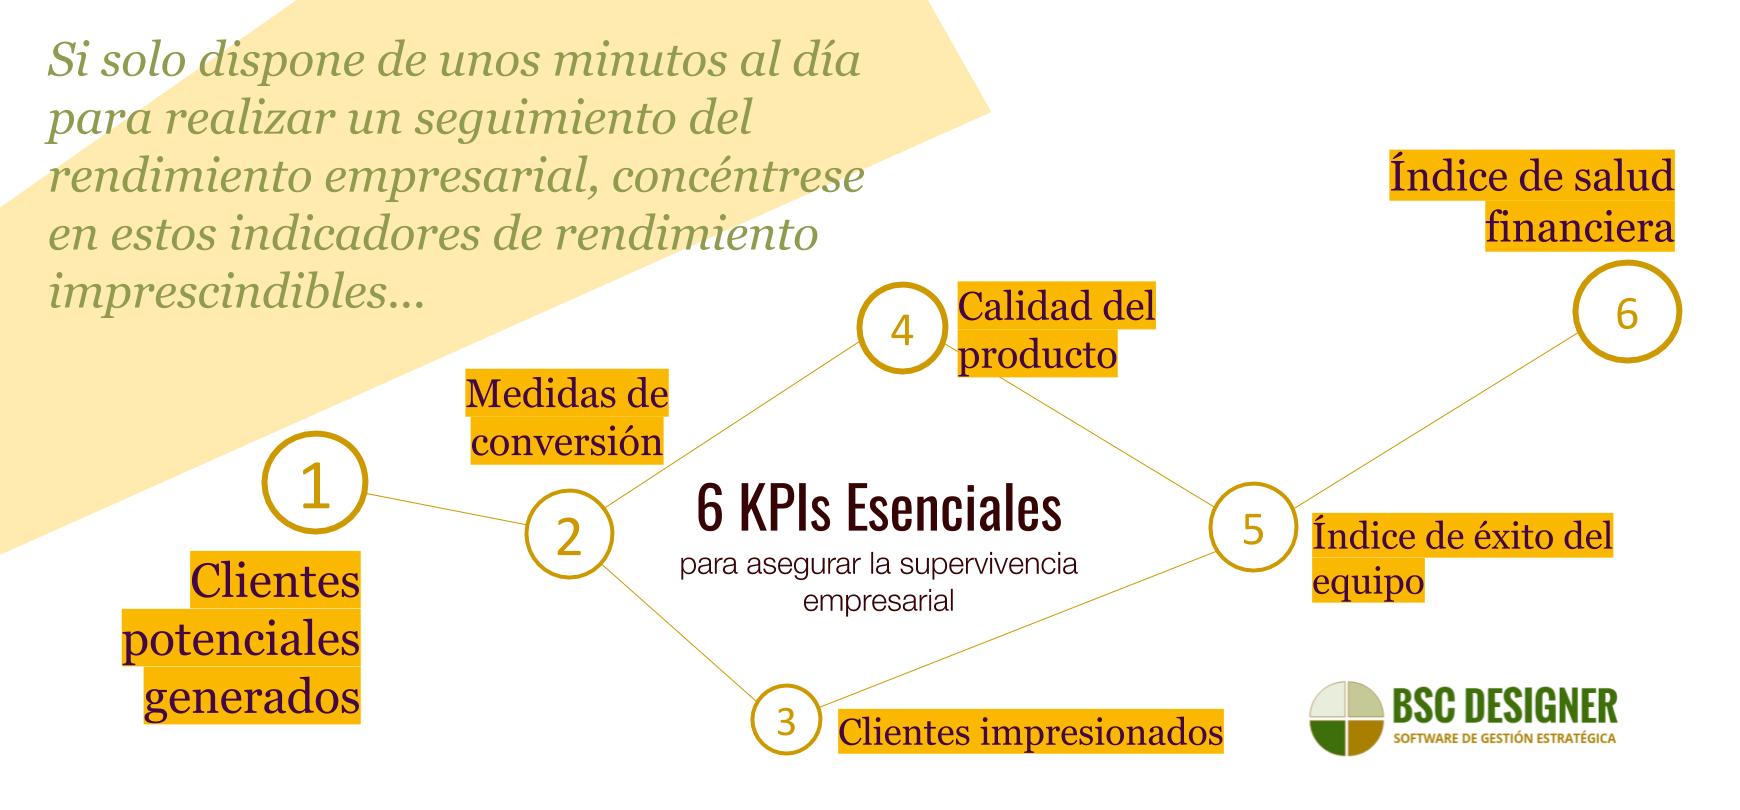 6 KPIs esenciales para asegurar la supervivencia empresarial